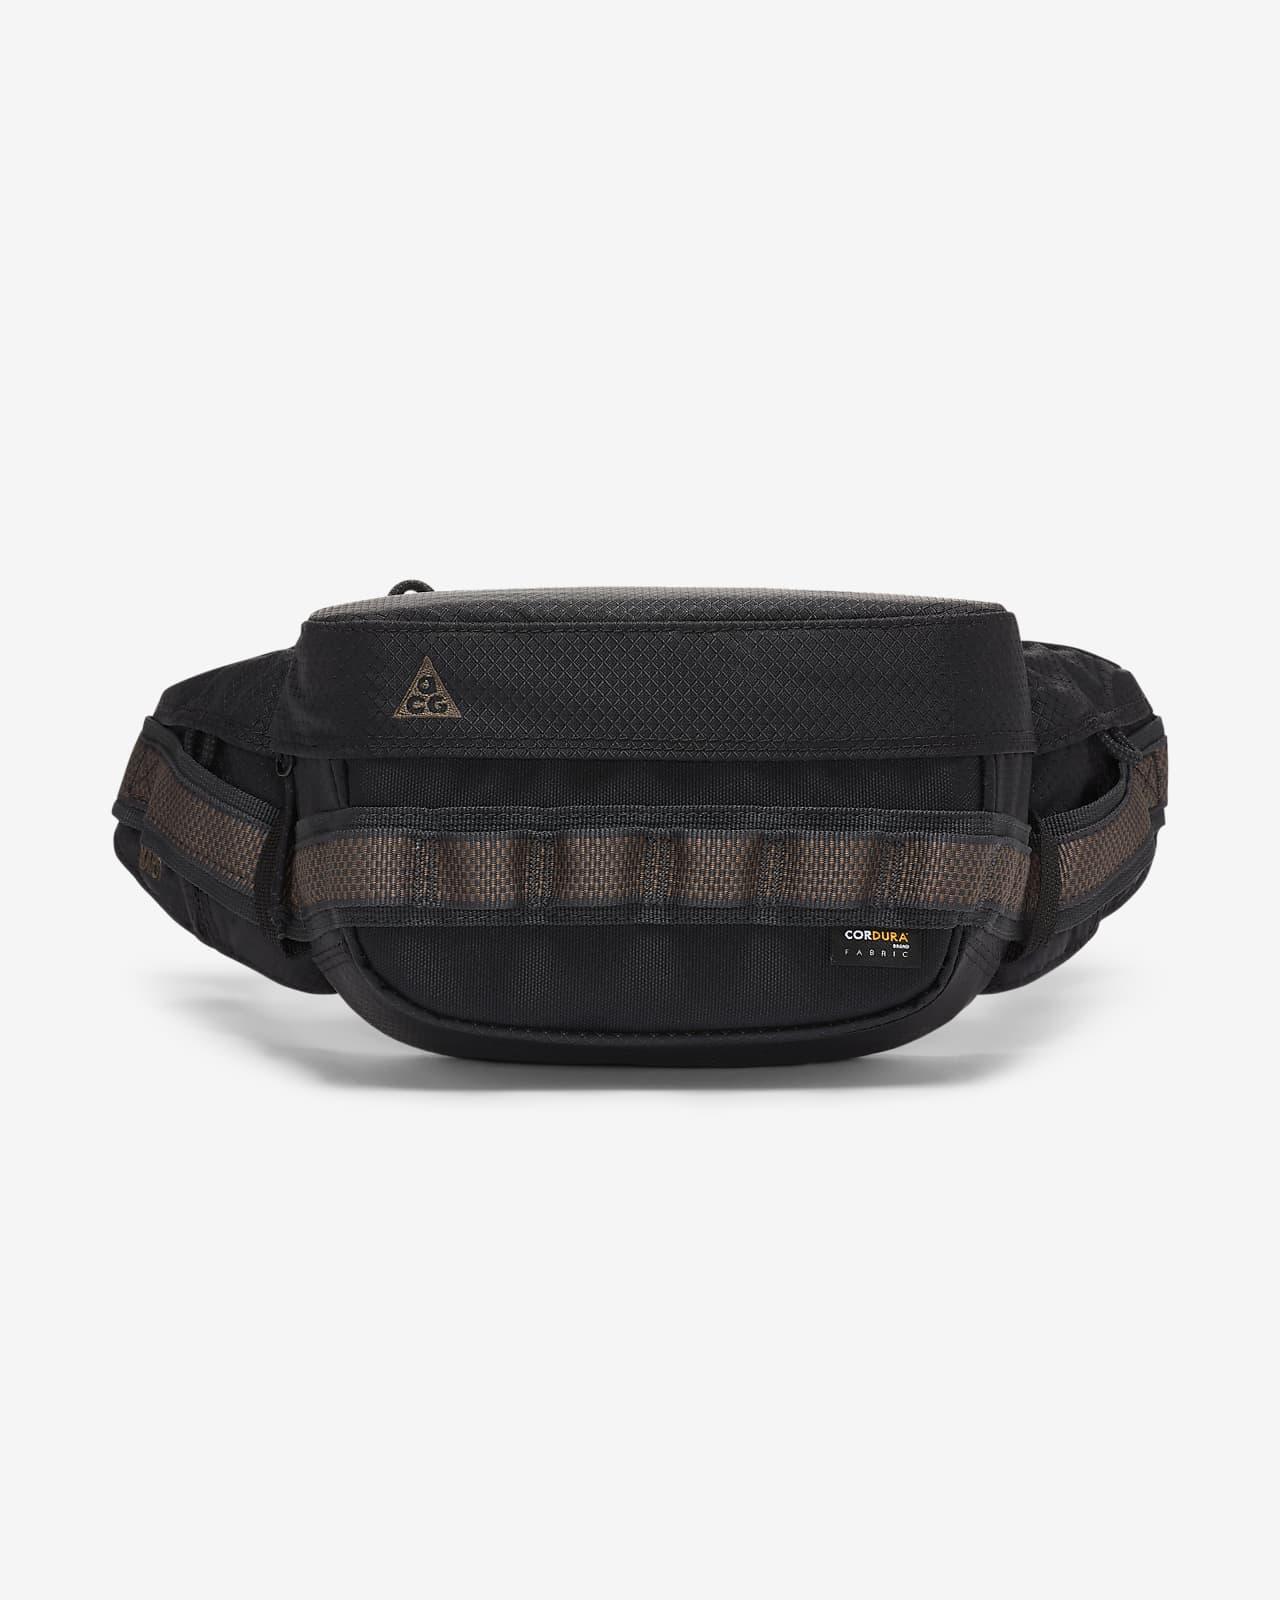 Nike ACG Karst Tas voor kleine spullen